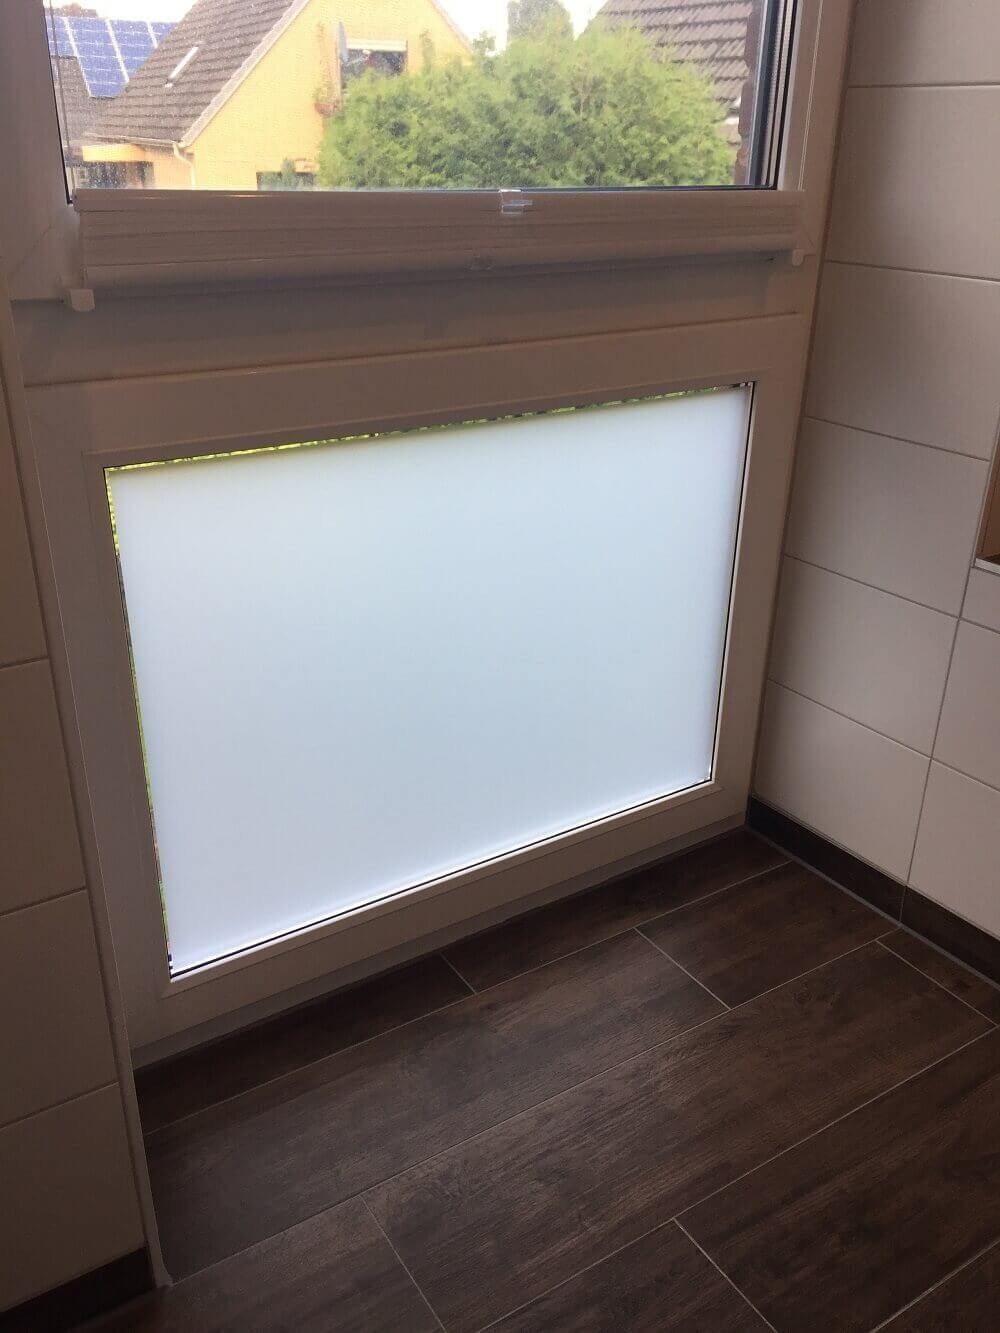 Milchglasfolie Sichtschutzfolie Im Schlaf Und Badezimmer Angebracht Sichtschutz Fenster Fensterfolie Sichtschutz Fensterfolie